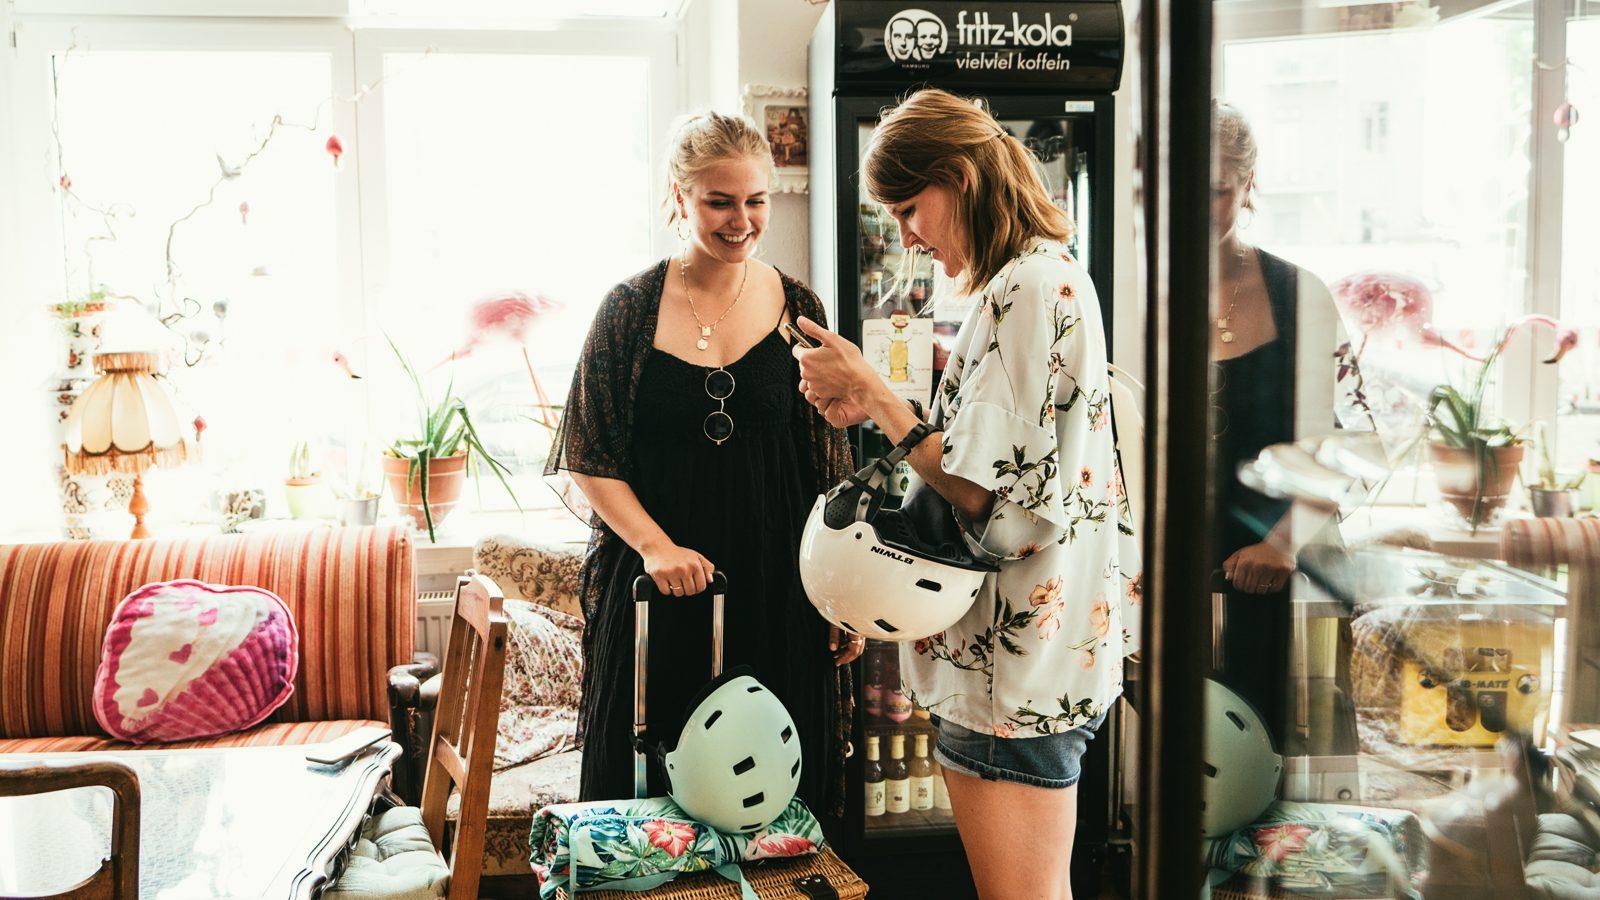 ZWei Frauen in einem cafe die auf ein Handy gucken